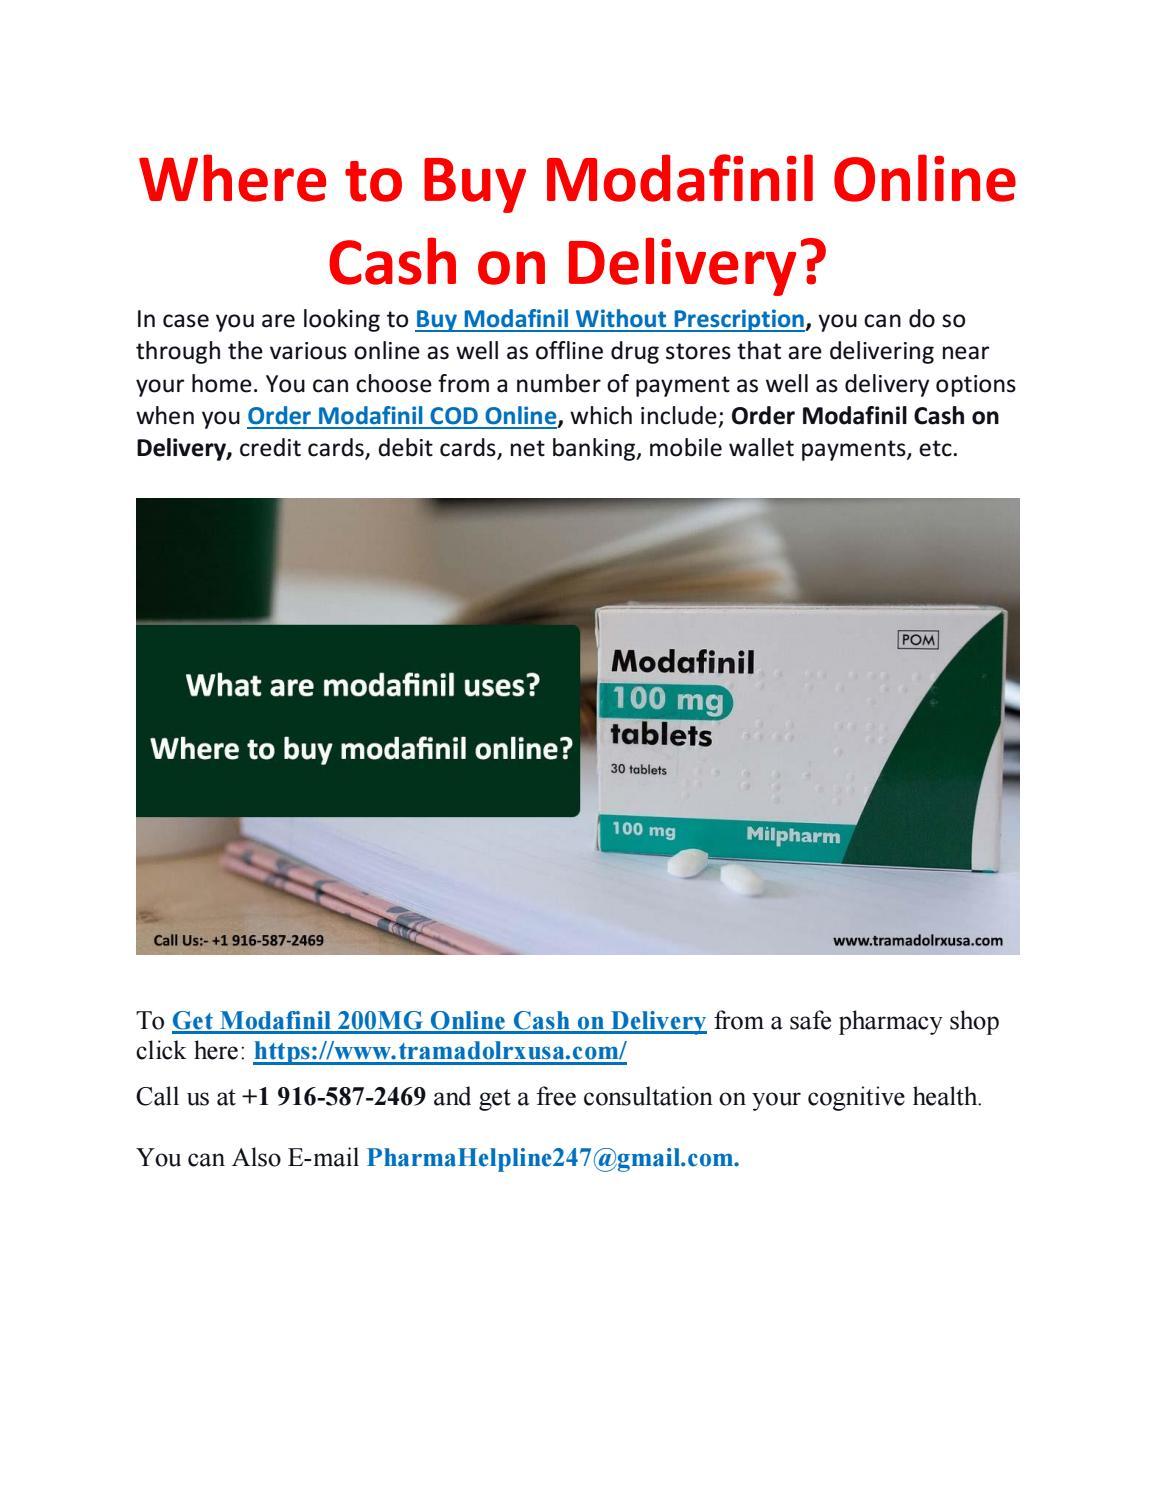 Modafinil Online Pharmacy